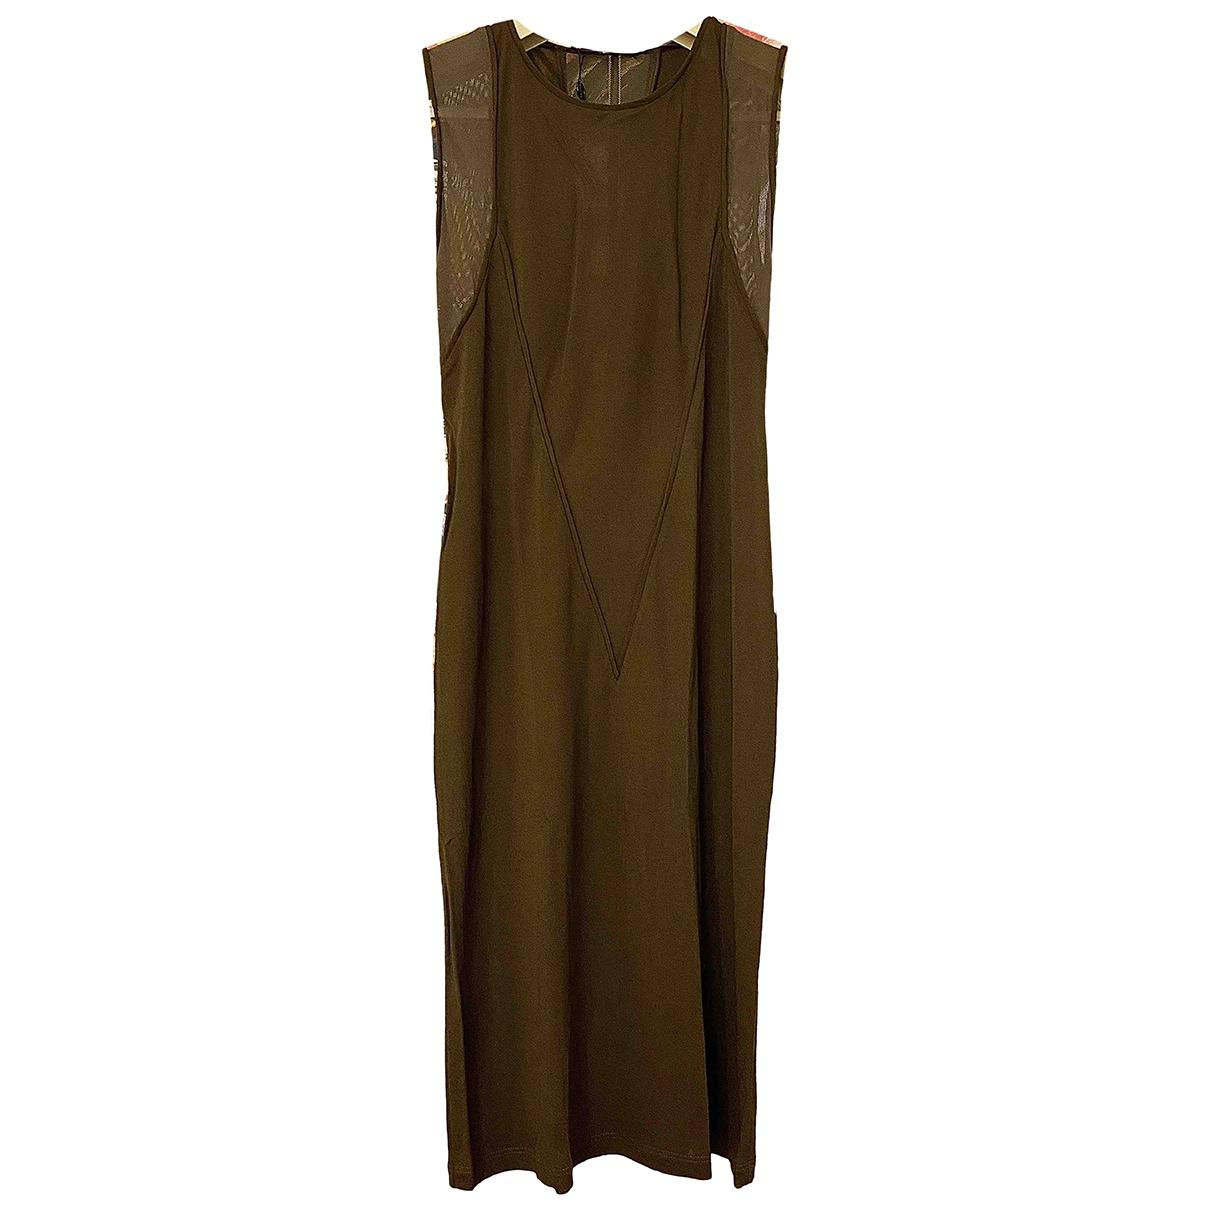 Gucci - Robe   pour femme - marron